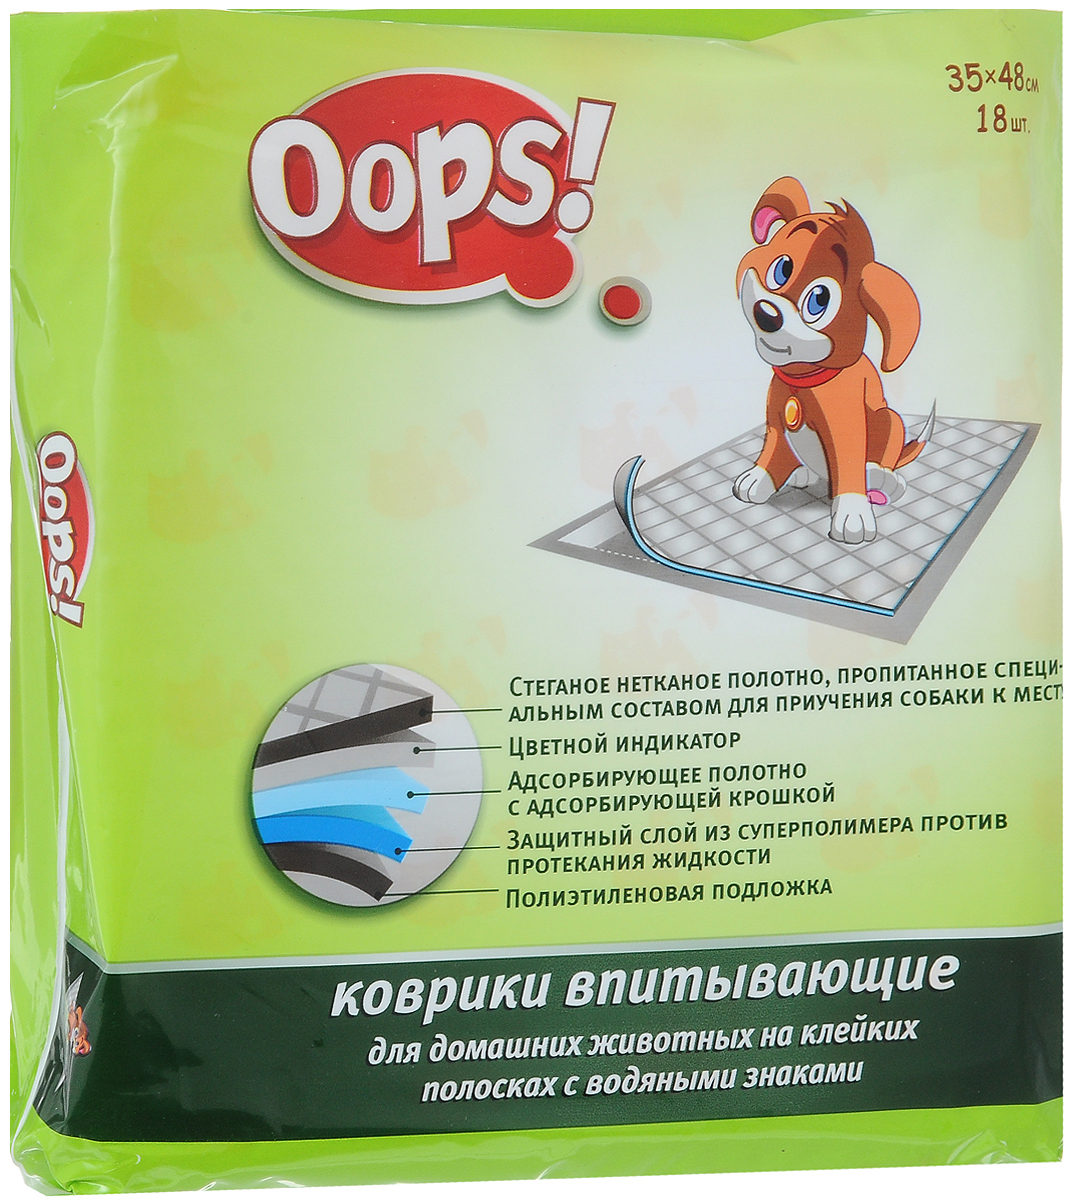 Коврики для домашних животных OOPS!, впитывающие, на клейких полосках, 35 х 48 см, 18 шт0120710Впитывающие коврики OOPS! с адсорбирующим суперполимером для щенков и взрослых собак всех пород и размеров. При производстве ковриков используется Sumitomo - японский материал с лучшей в мире впитывающей способностью. Коврики OOPS! имеют клейкие полоски, с помощью которых коврик можно закрепить на любой поверхности. Вам просто нужно убрать бумажные полоски с пластикового покрытия и приклеить коврик туда, куда вам удобно. Специальная обработка ковриков OOPS! приучает собаку к месту, облегчает тренировку.Коврики OOPS! поглощают влагу и неприятные запахи, надежно удерживая внутри коврика, не выпуская наружу. Предохраняют поли мебель от царапин и шерсти. Незаменимы в период лактации, в первый месяц жизни щенков, при специфических заболеваниях, в поездках, выставках и на приеме у ветеринарного доктора.Состав: целлюлоза, впитывающий суперполимер, нетканое полотно, полиэтилен, цветной индикатор.